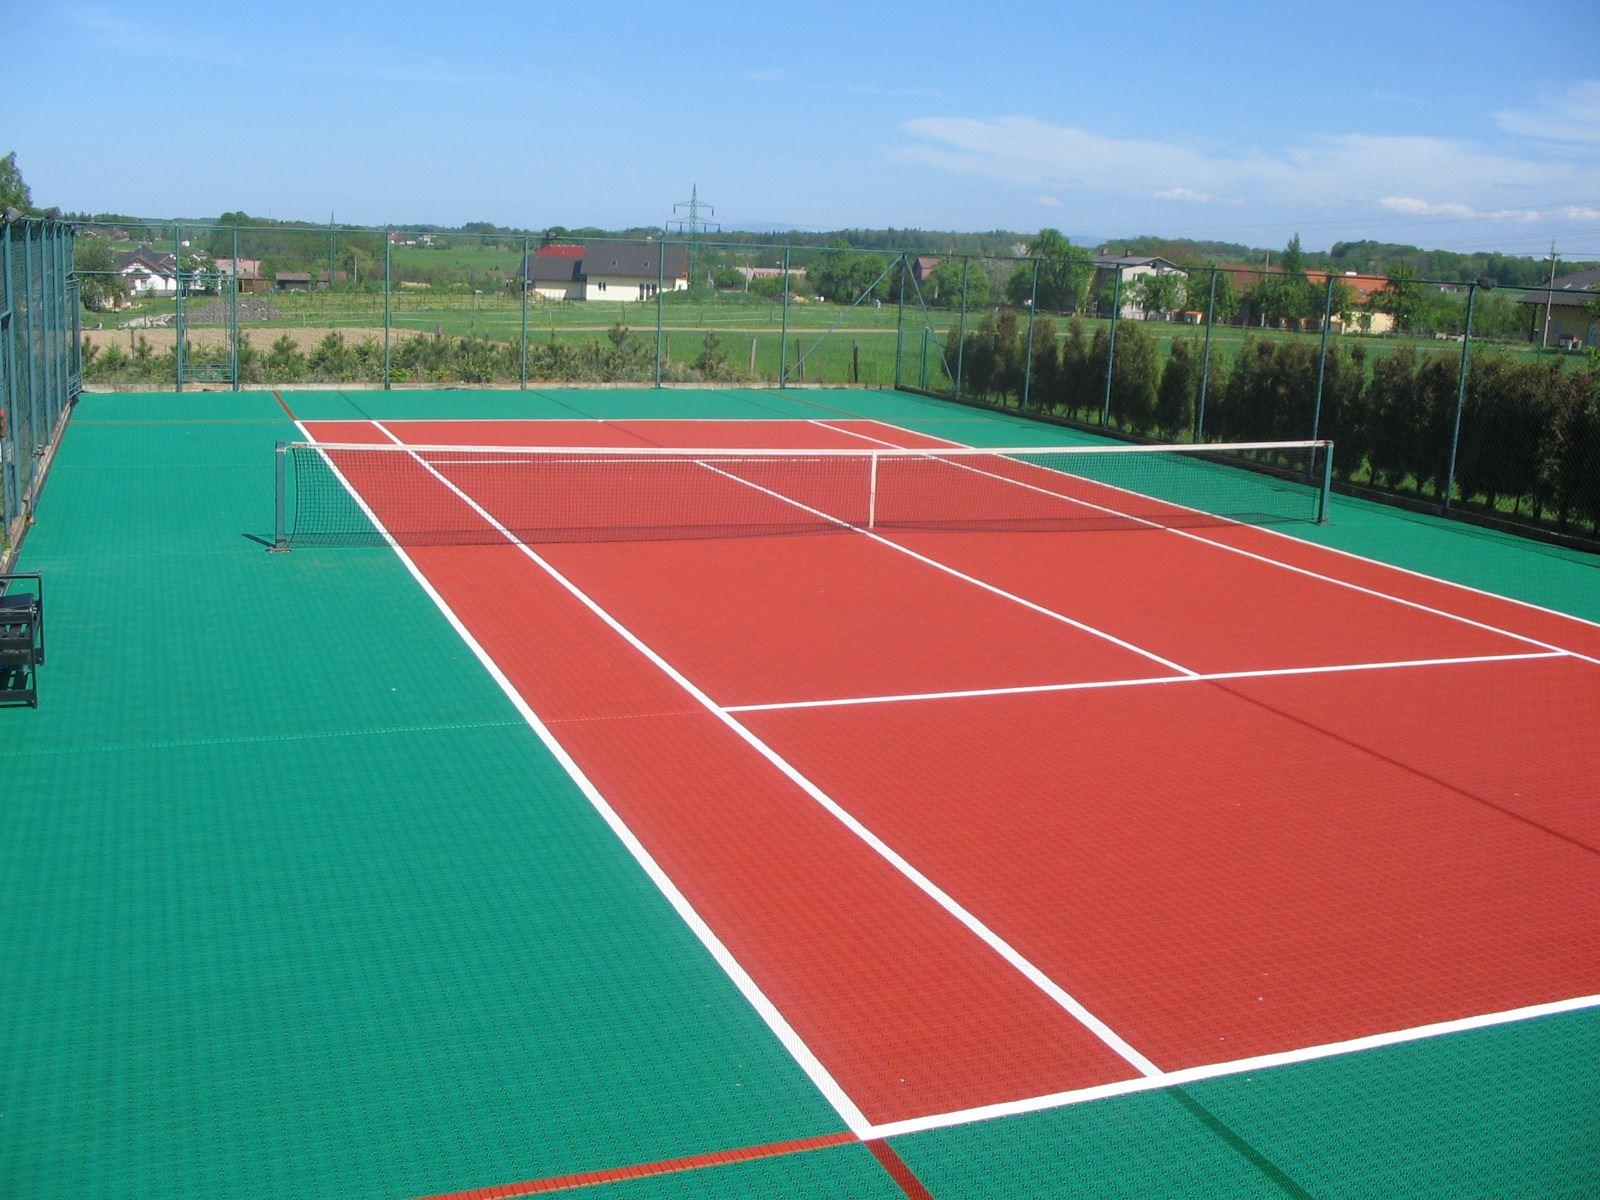 Bergo sportgolv tennis utomhusgolv unisport